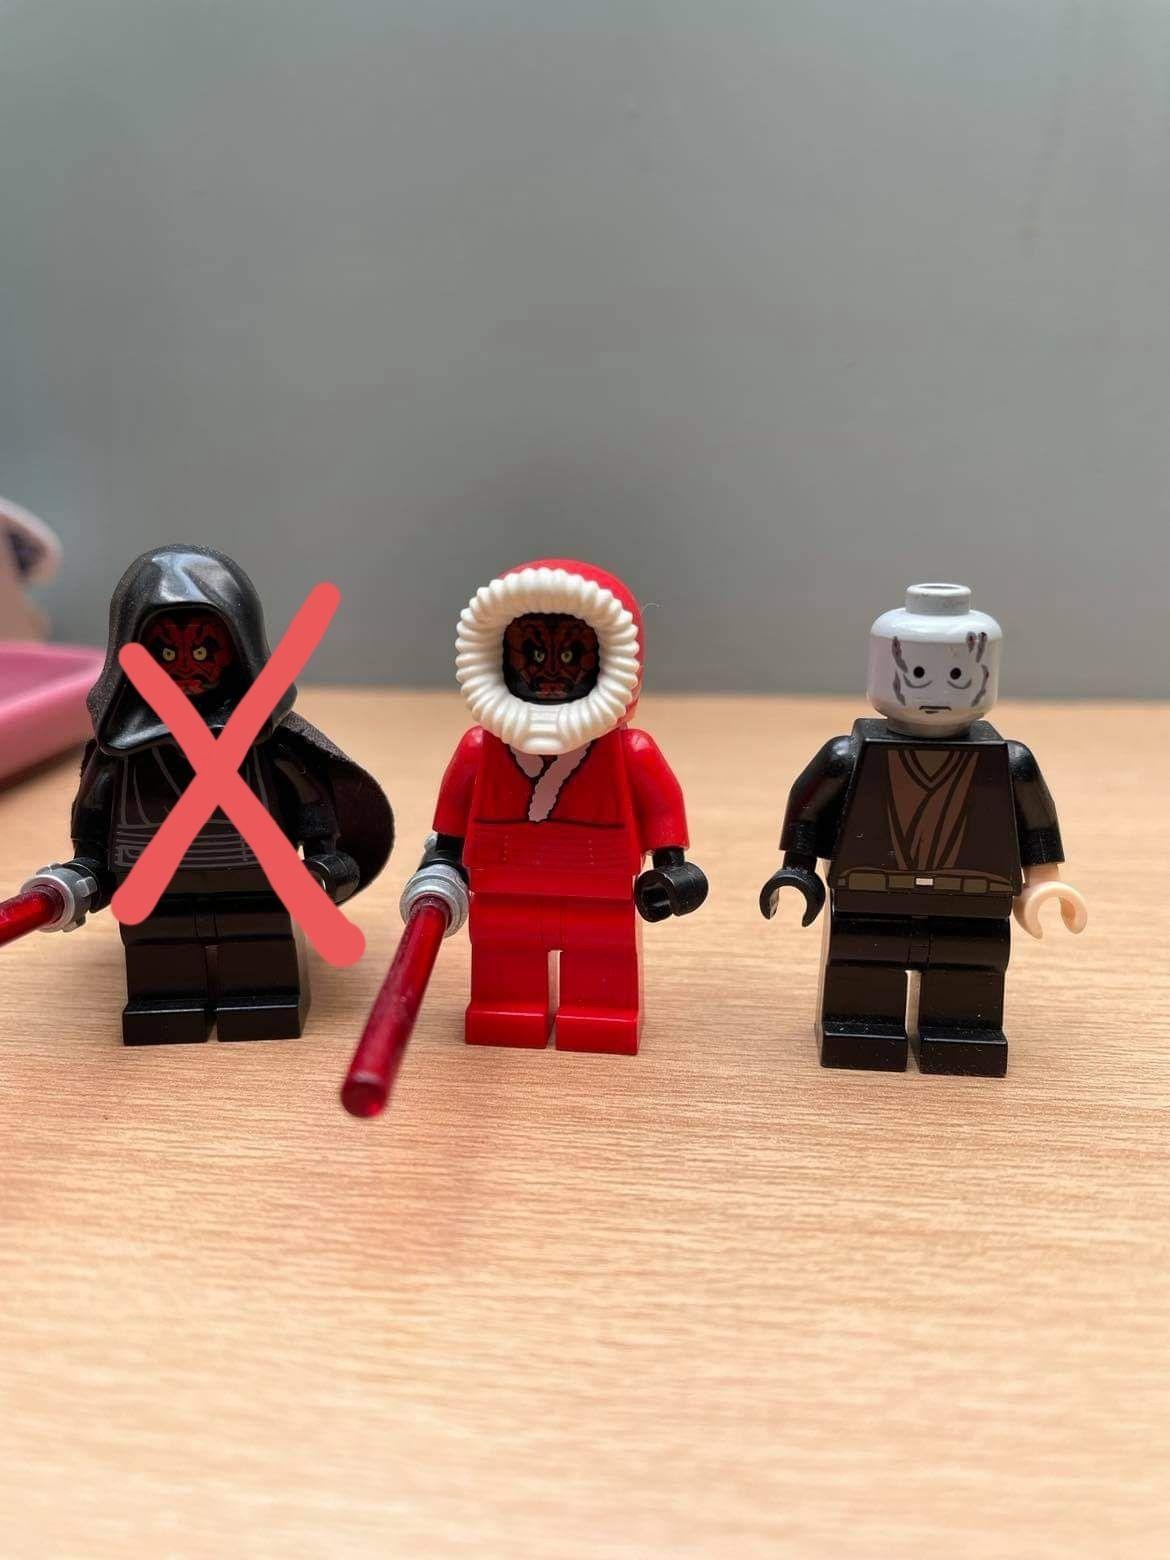 LEGO Star Wars Darth Maul i Anakin Skywalker